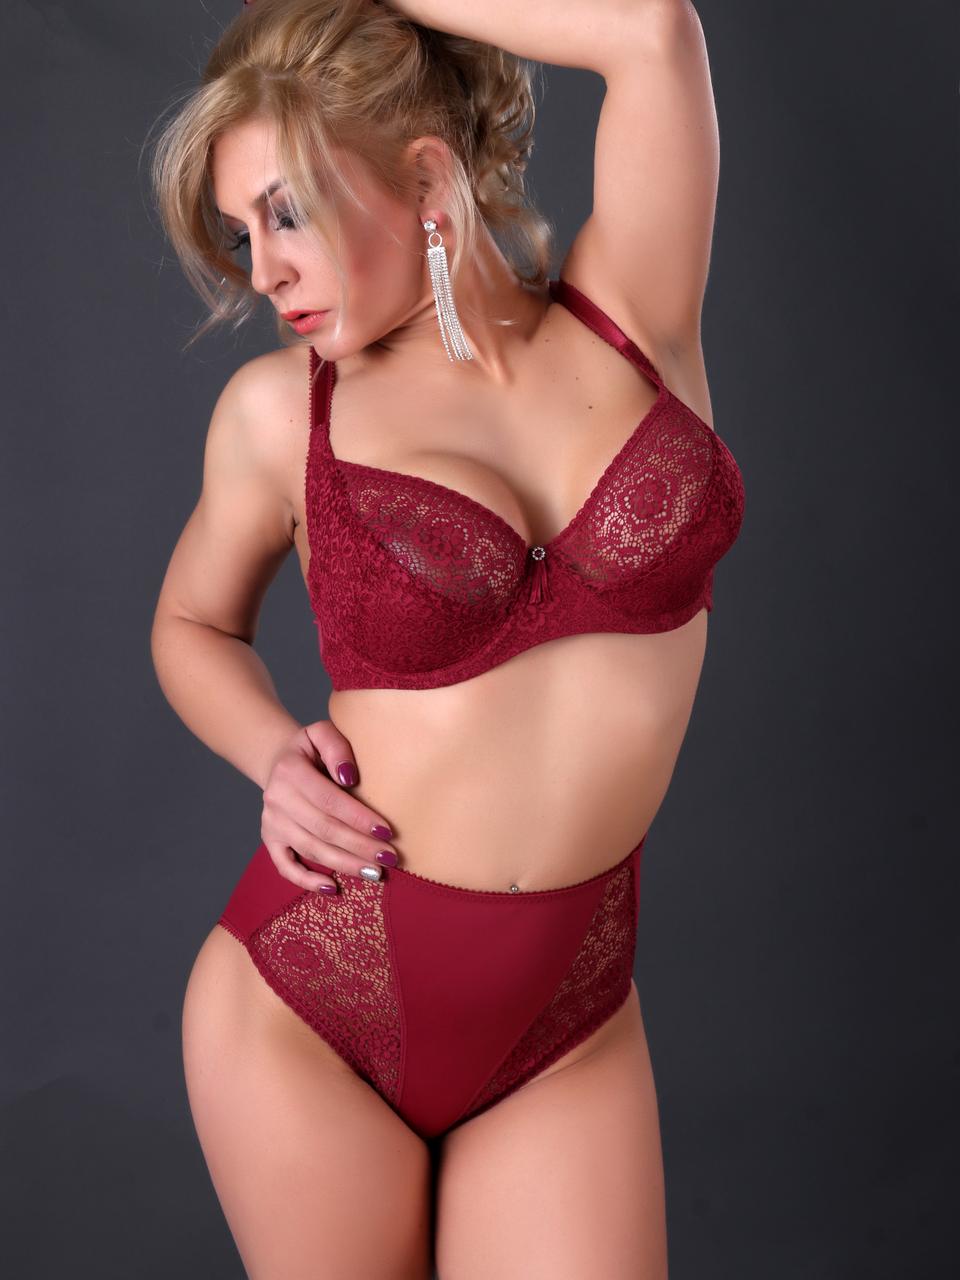 Комплект женского нижнего белья Acousma U6462DE-P6462H оптом, чашка D, цвет Бордовый